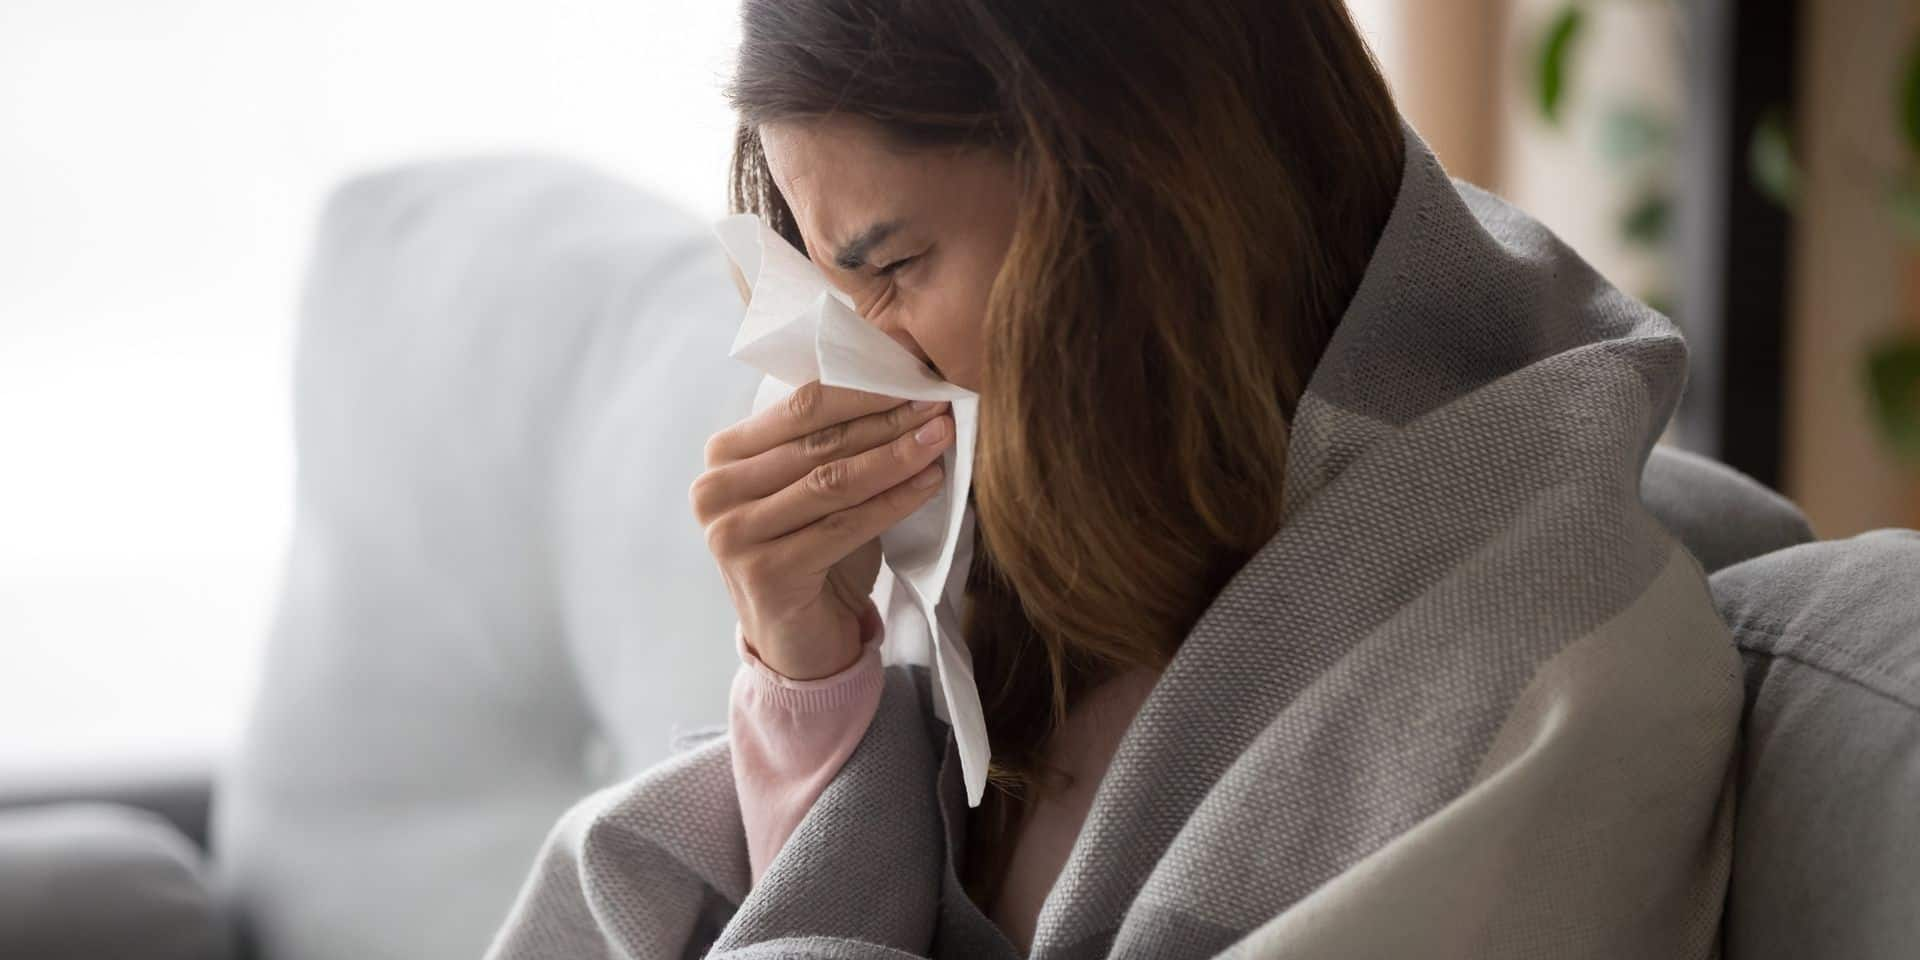 Voici les symptômes du Covid 19 les plus courants à long terme selon une nouvelle étude de l'OMS